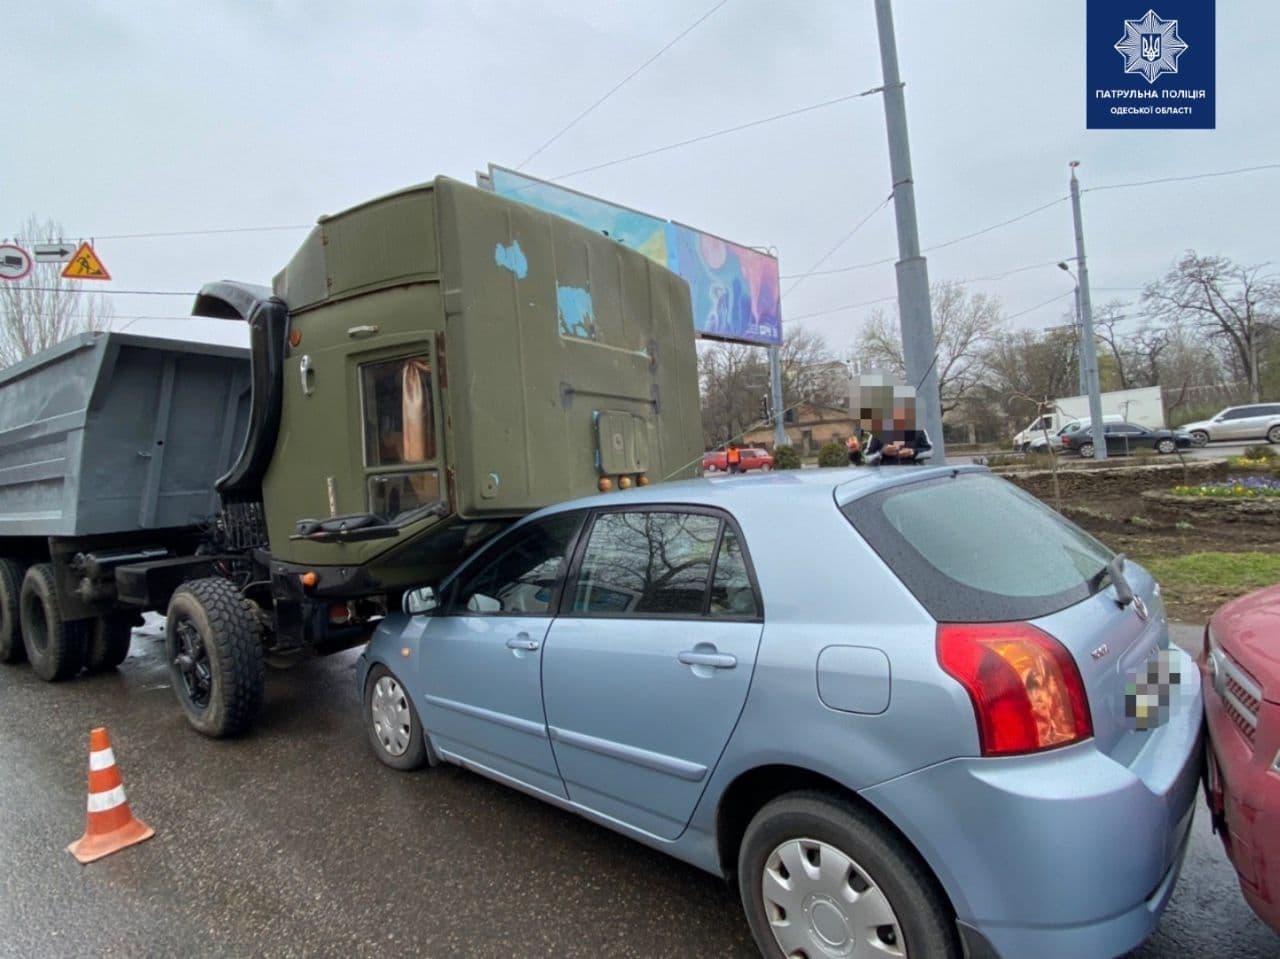 Авария произошла на одной из улиц города